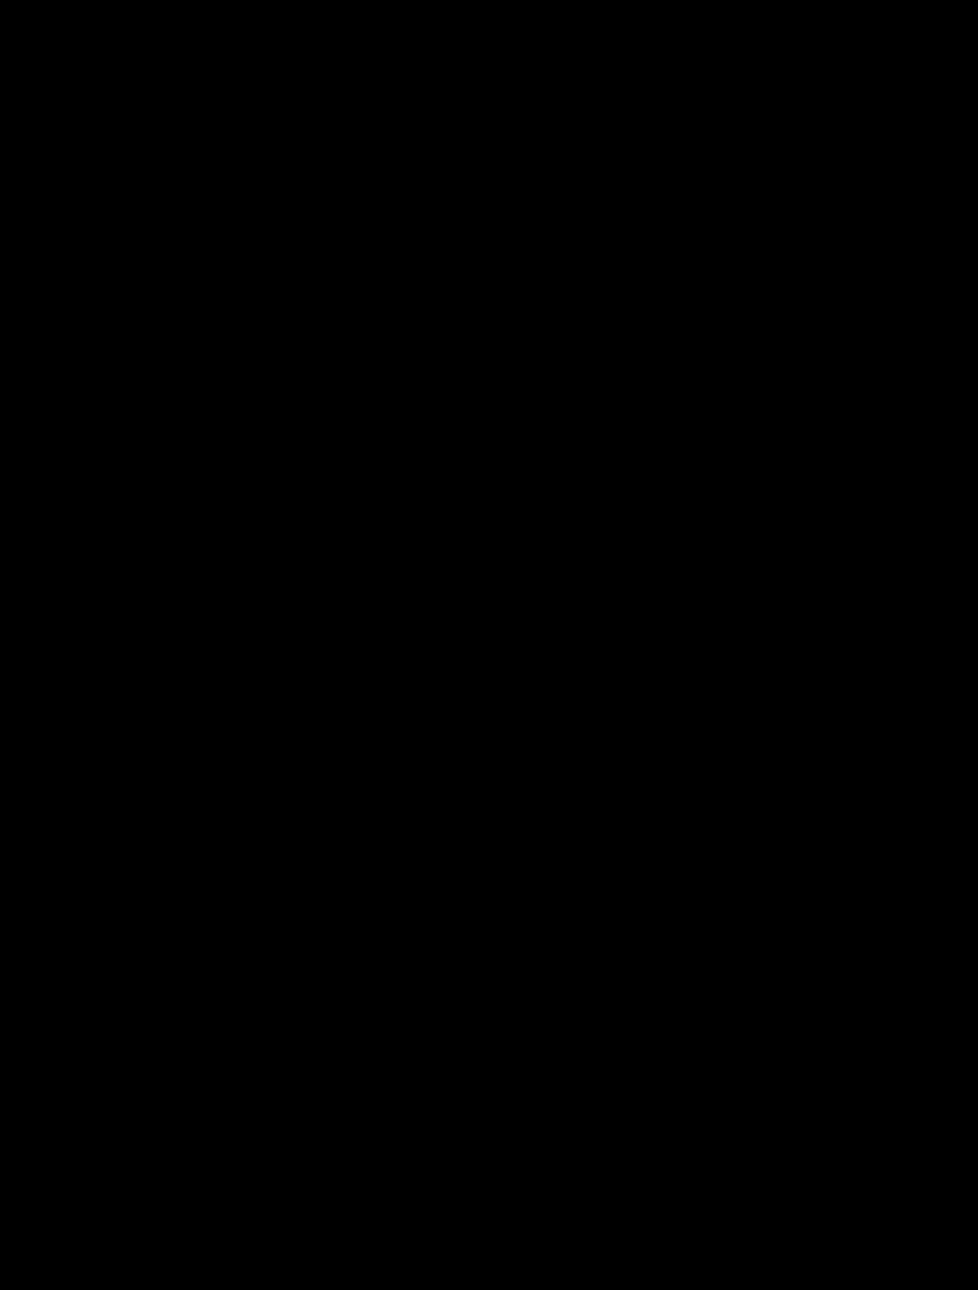 Эскиз водолея с кувшином